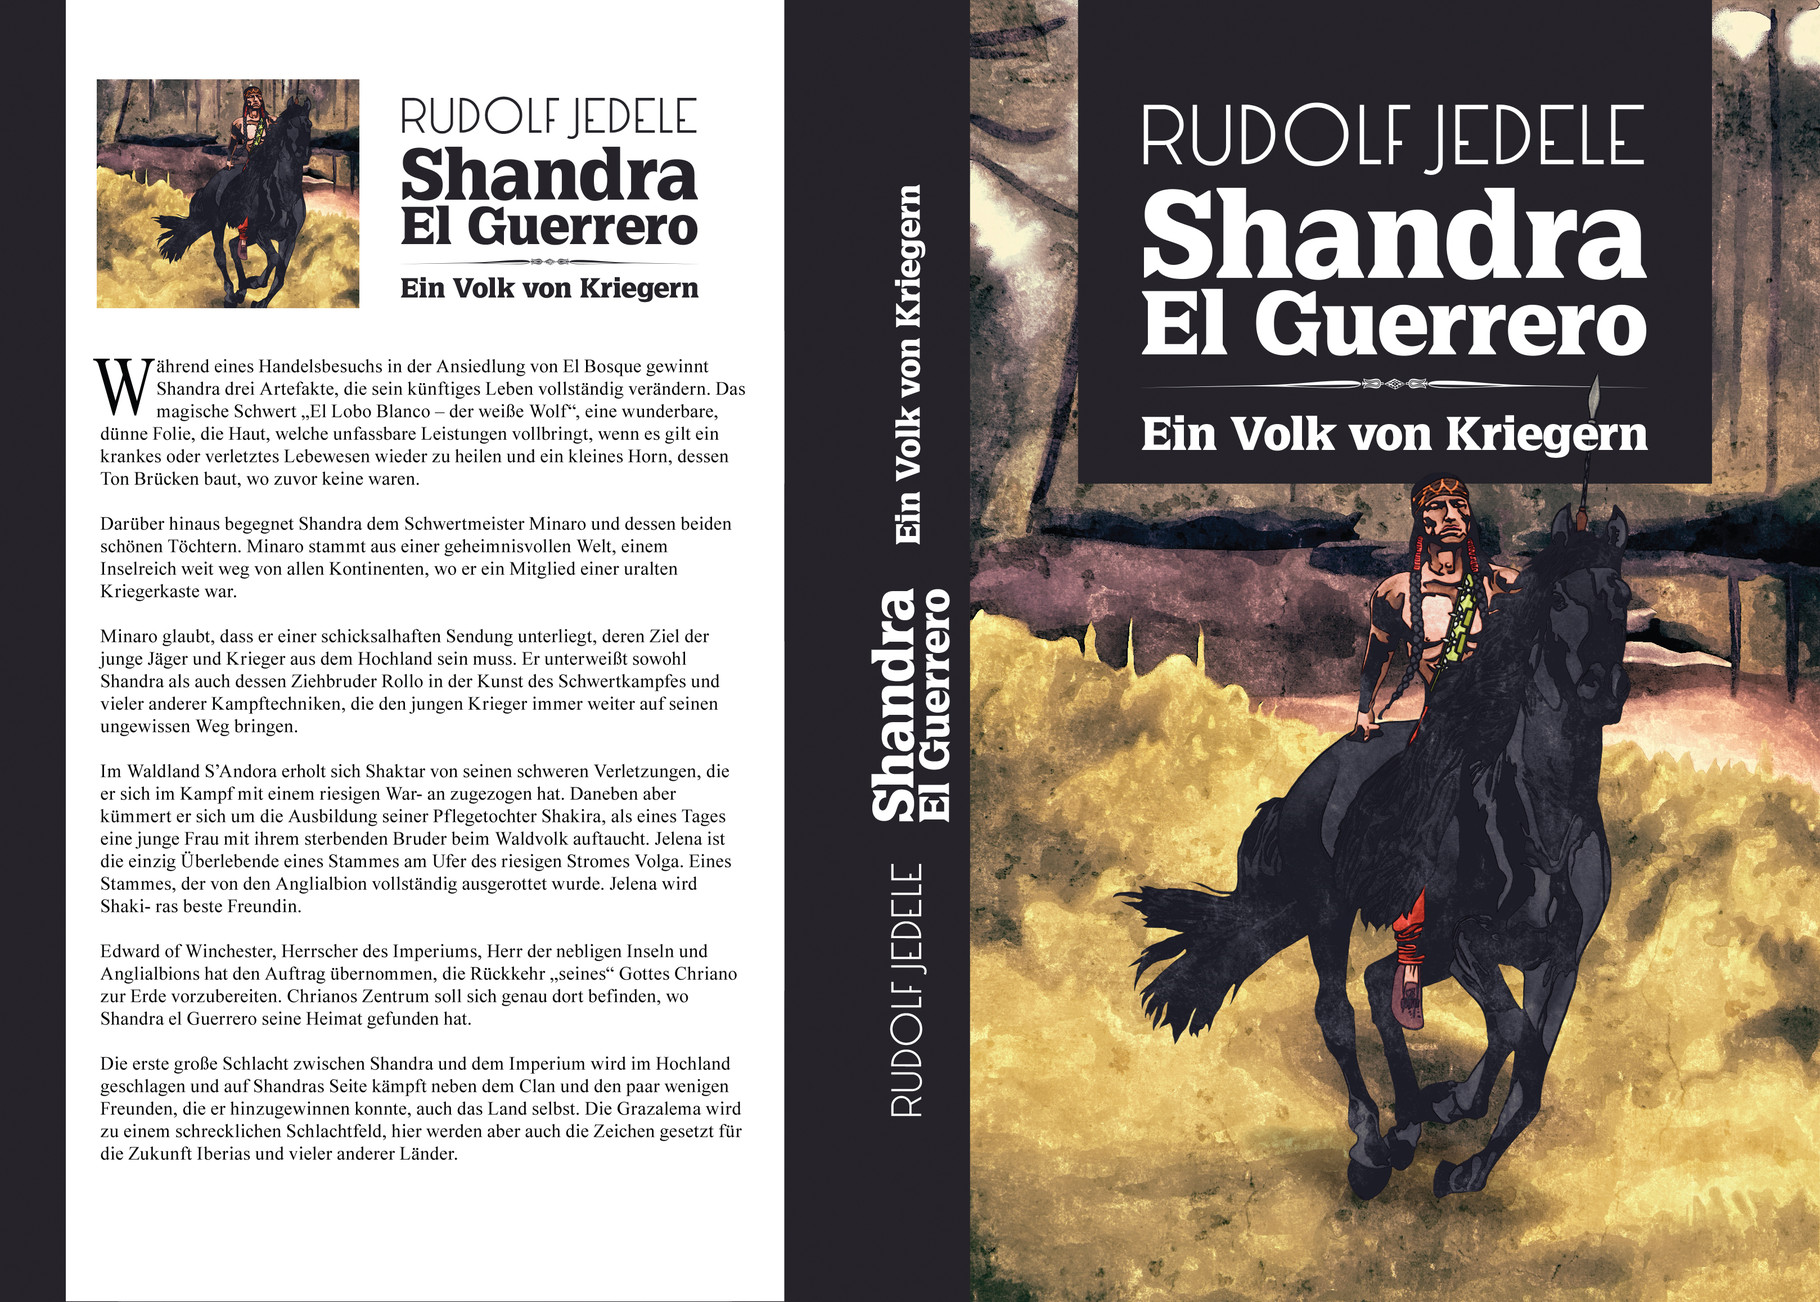 Ein Volk von Kriegern - Rudolf Jedele, Autor